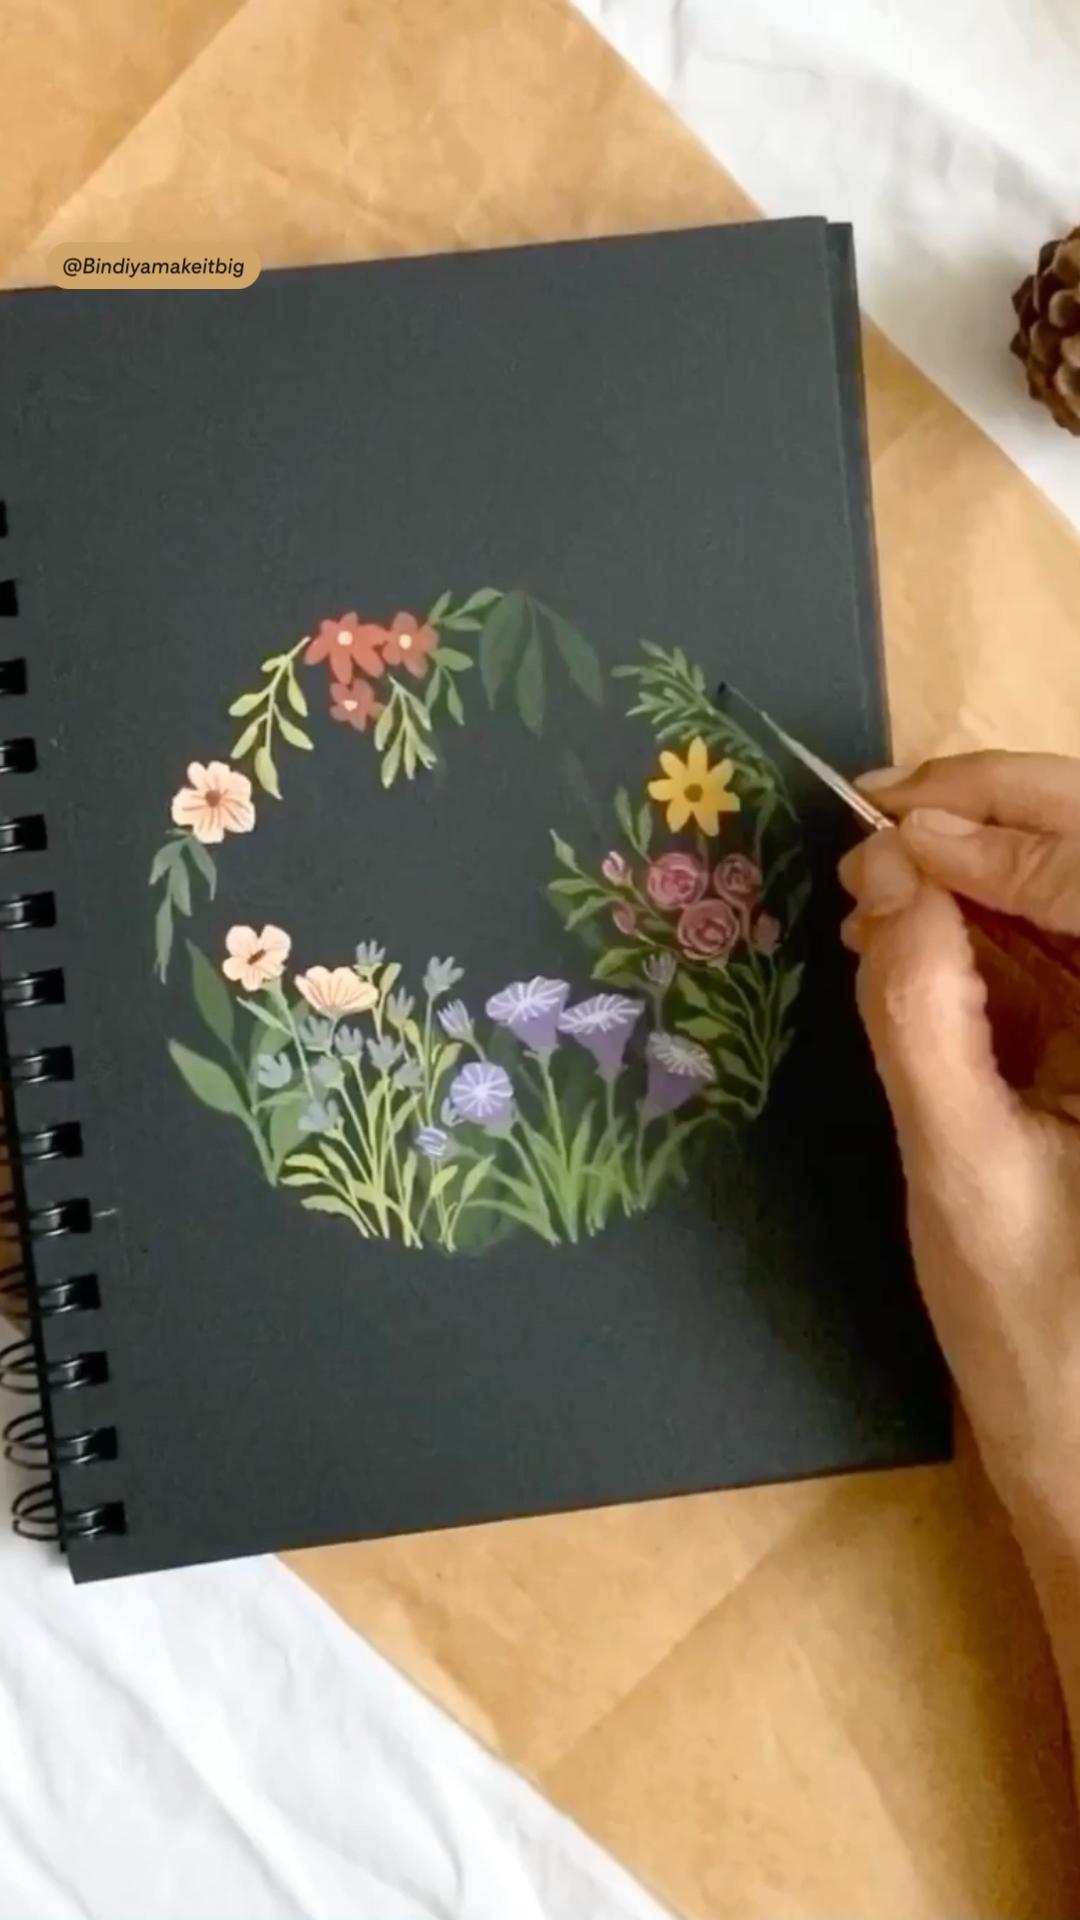 Florals on black sketch  book